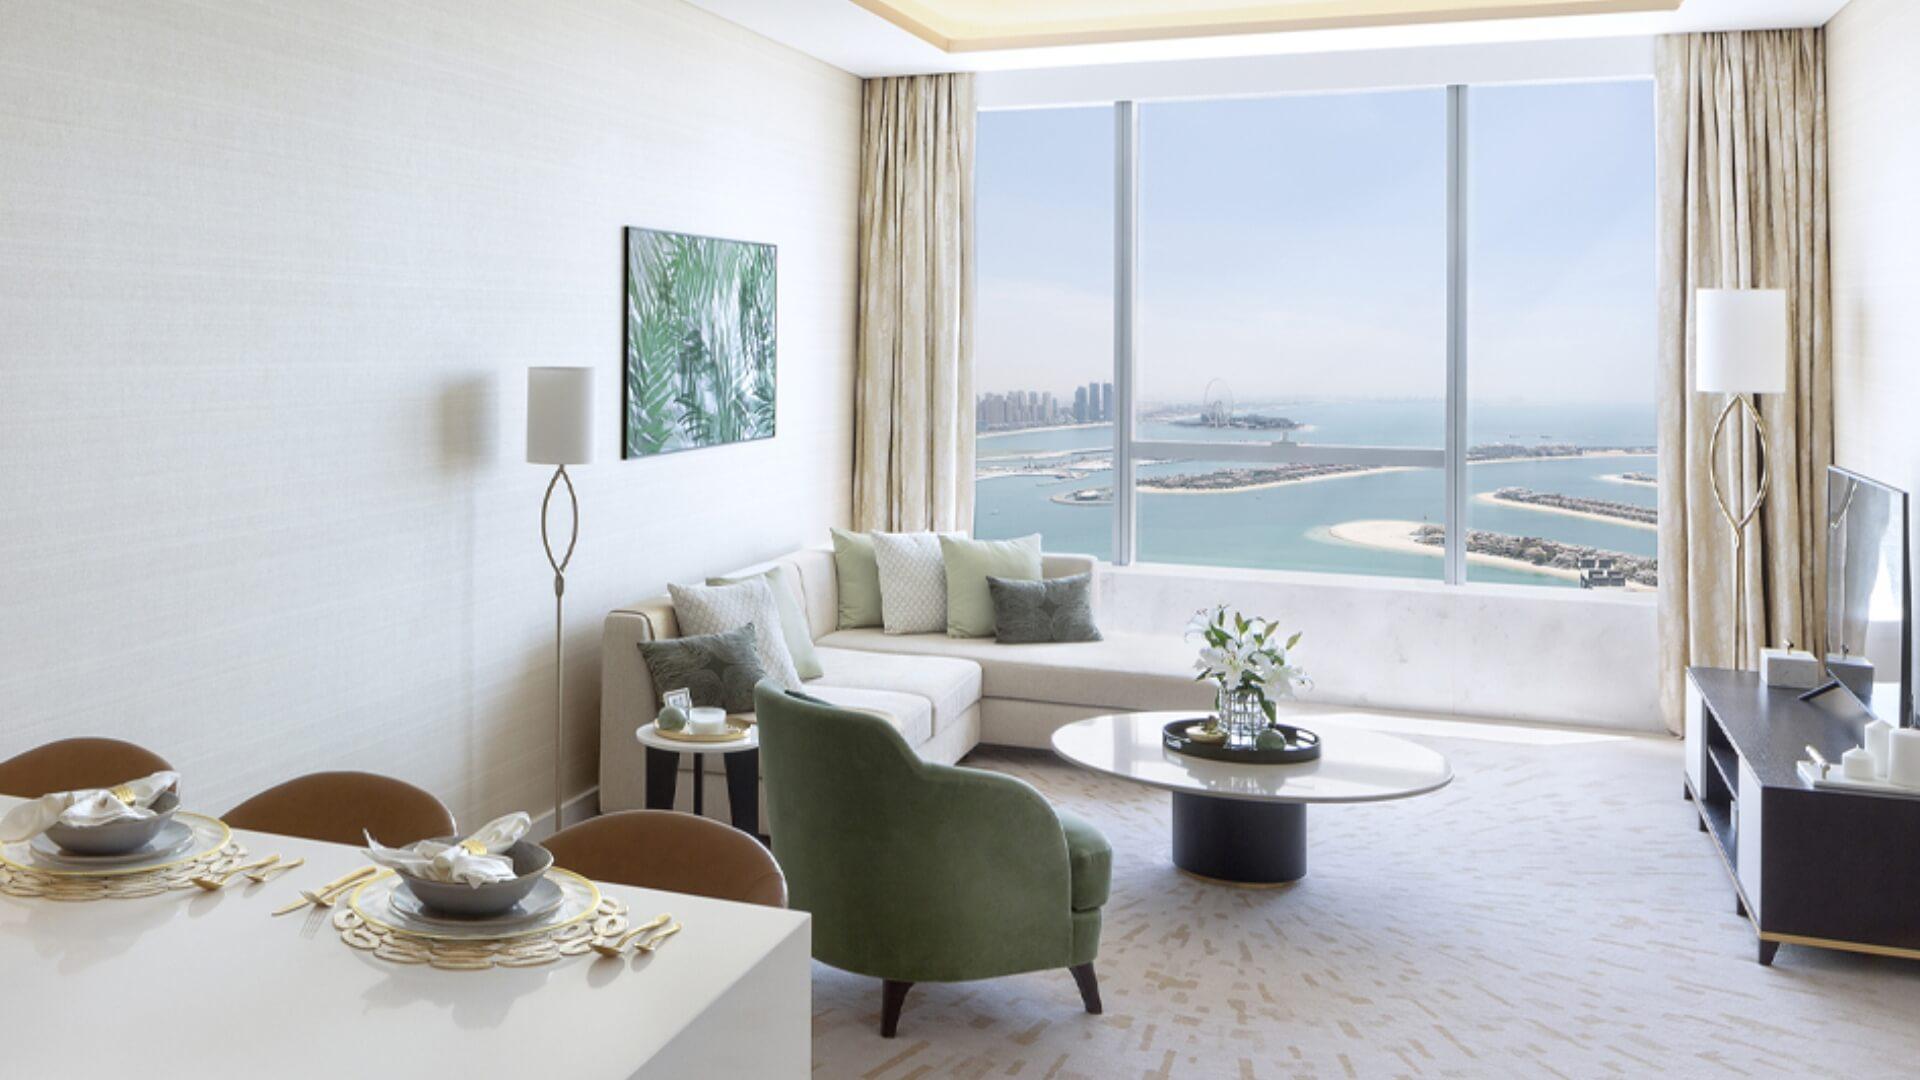 Ático en venta en Dubai, EAU, 2 dormitorios, 233 m2, № 24469 – foto 1